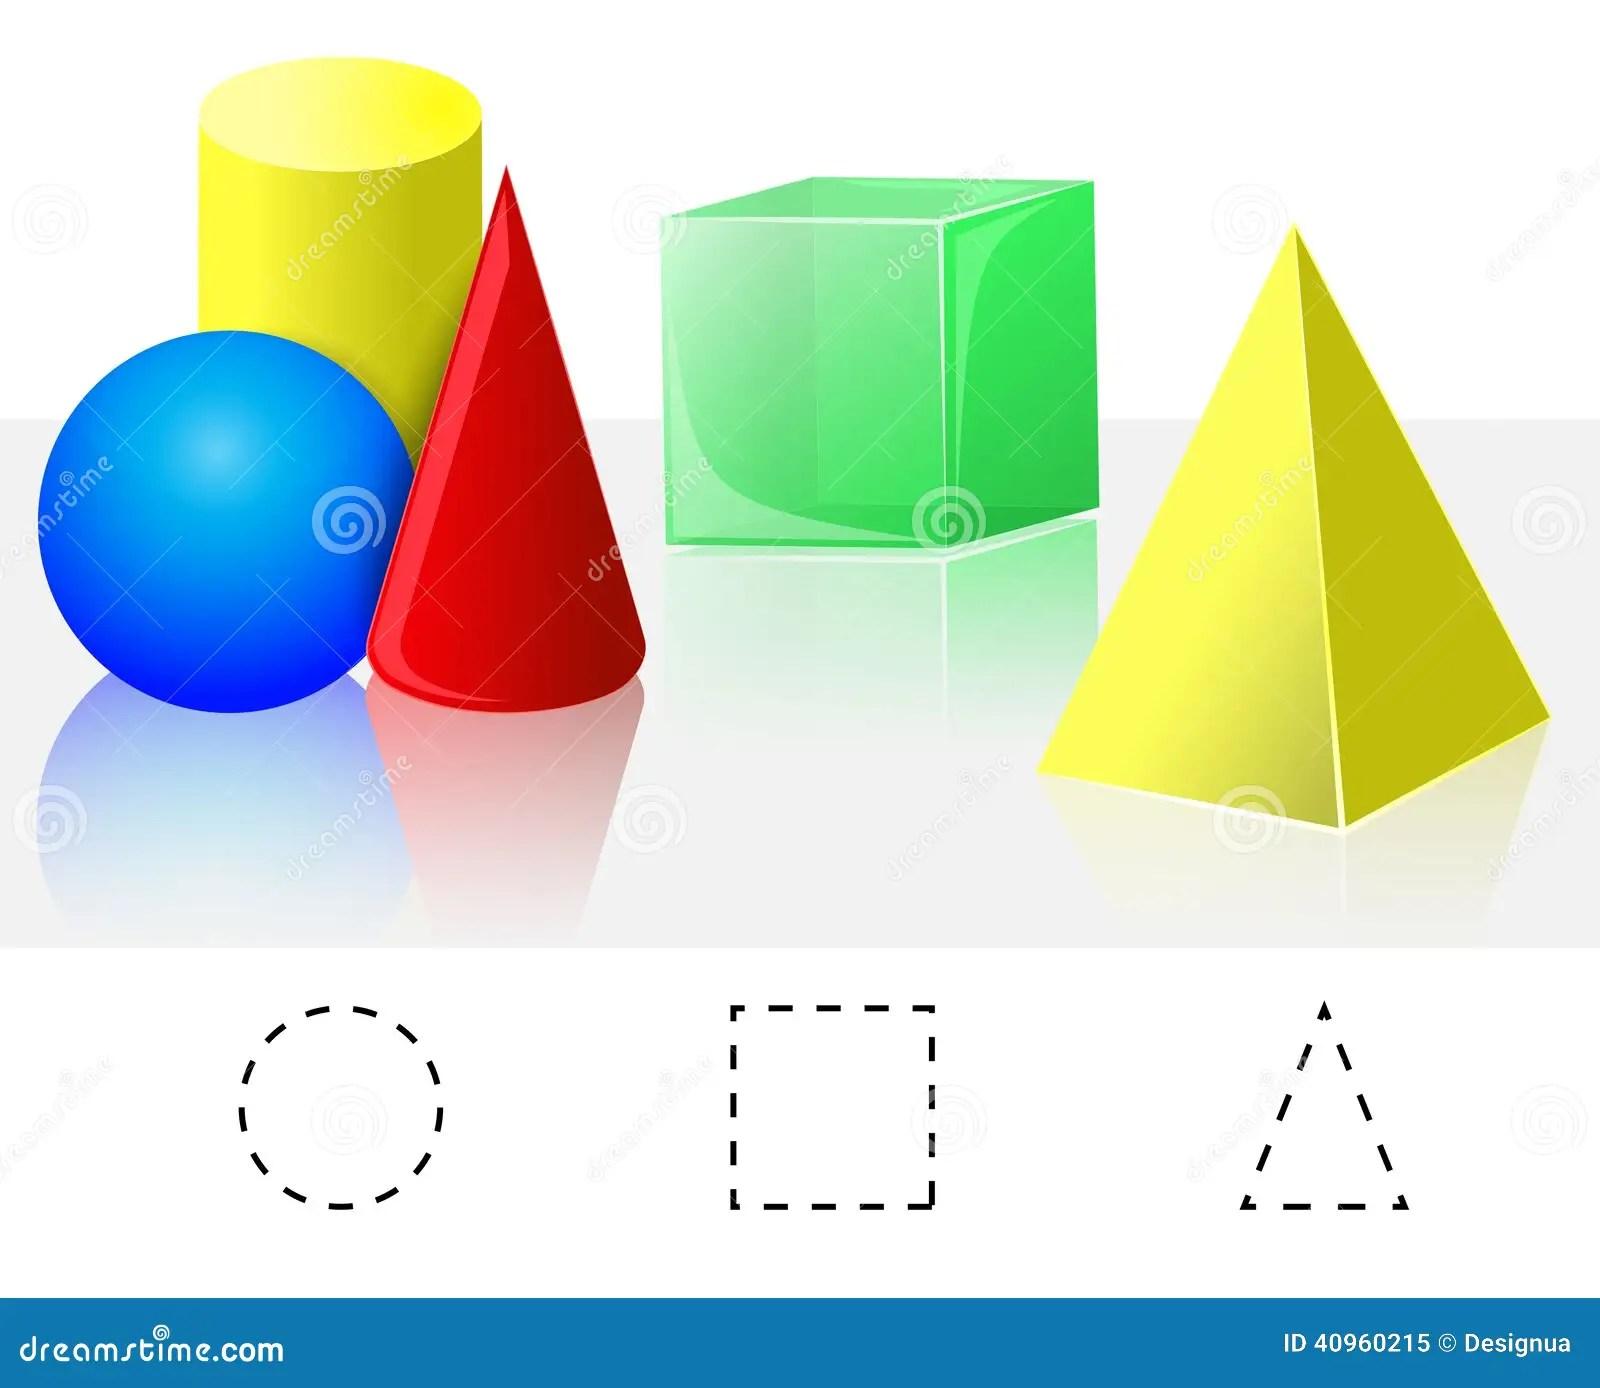 Geometrie Wurfel Pyramide Kegel Zylinder Bereich